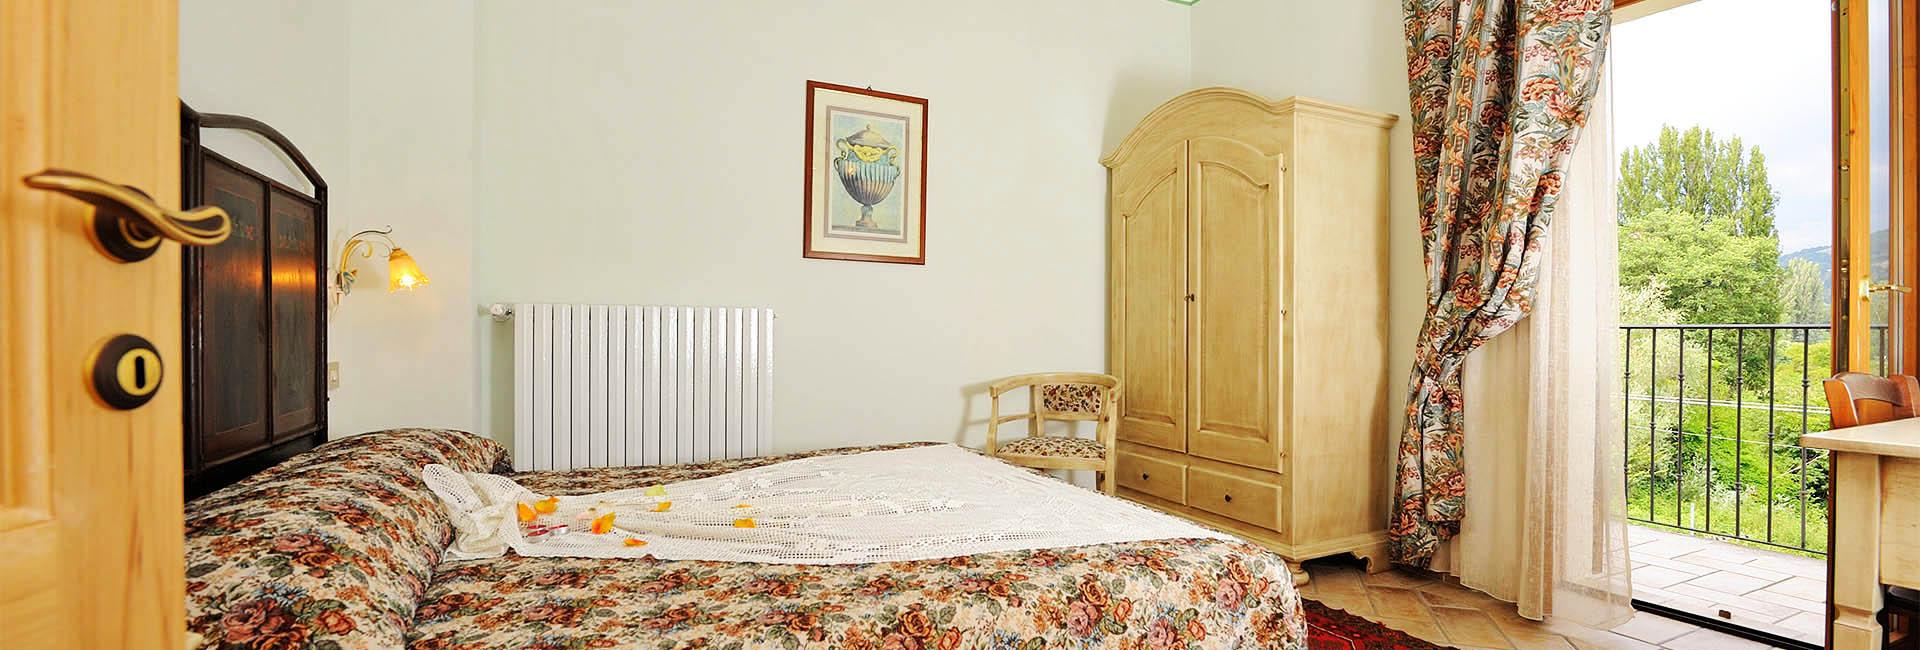 Appartamento 2 camere Foligno, Umbria – Zia Giuditta